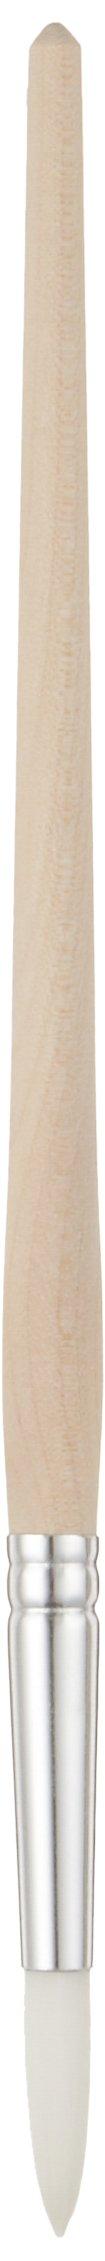 Tanis 00298 Taklon White Artist Brush, #8 Size, 7/32'' Diameter x 7/8'' Trim, 7-1/2'' Overall Length (Pack of 12)